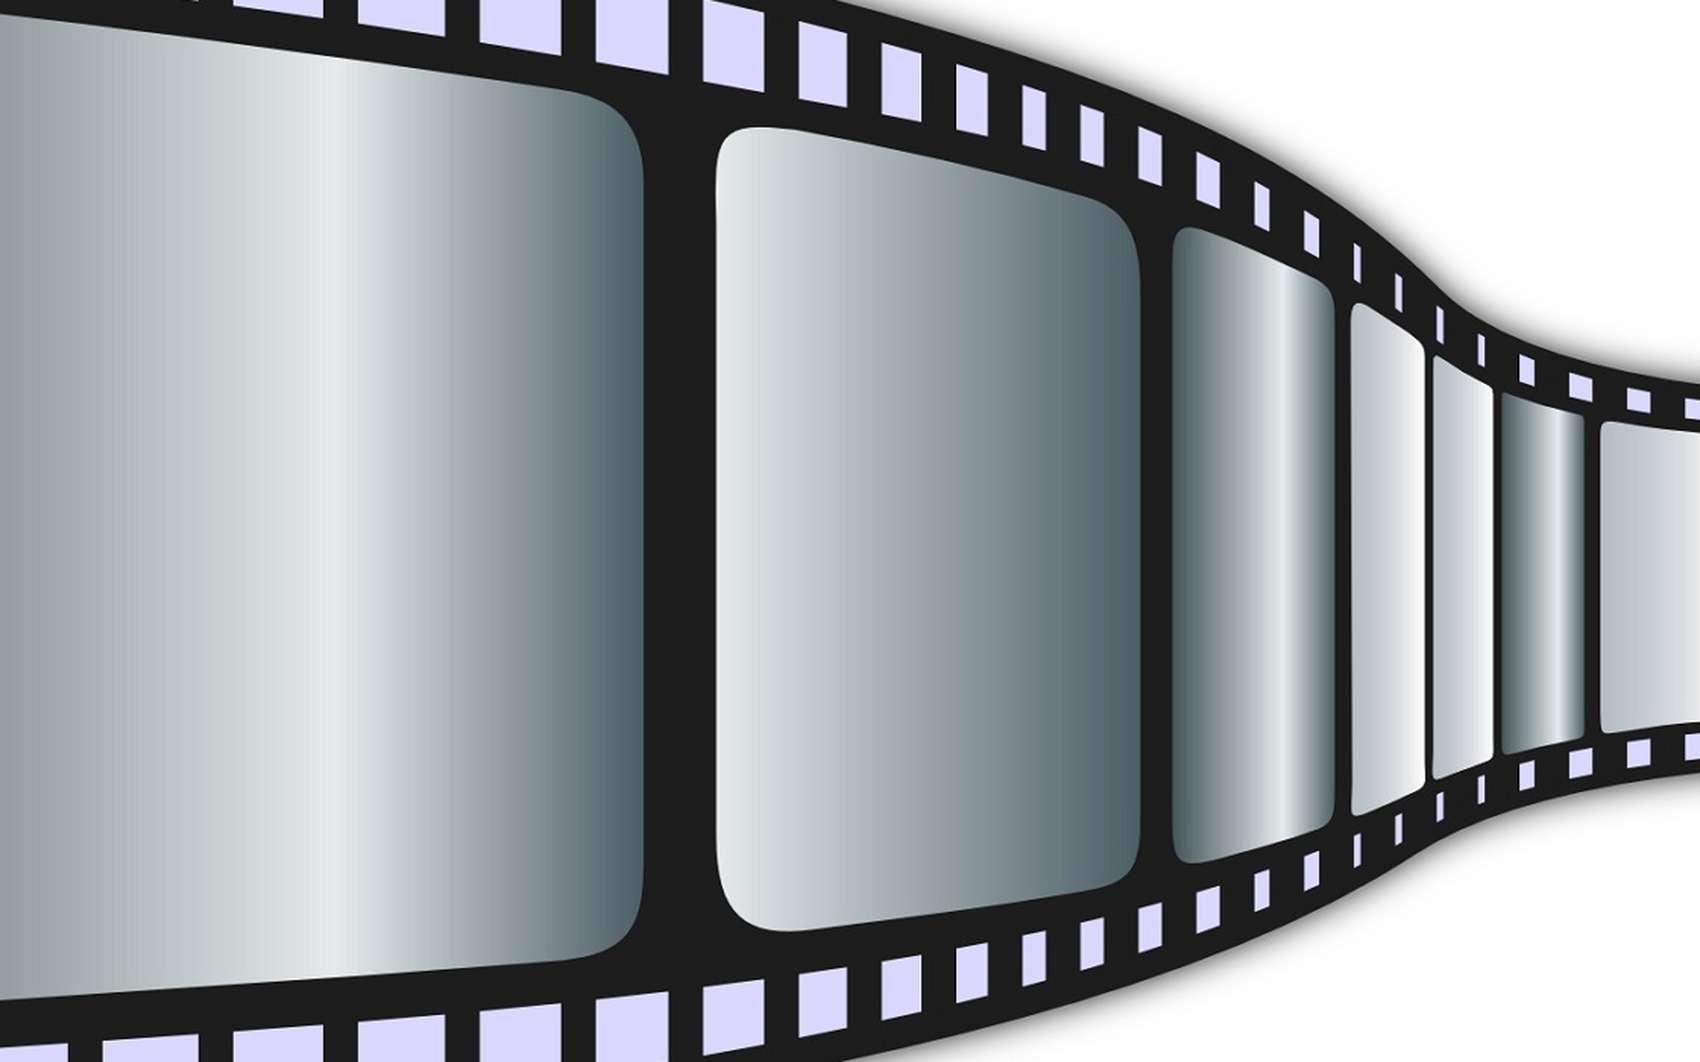 MKV est un format de fichier multimédia, qui peut contenir des pistes audio, vidéo, sous-titres et chapitres. © Pierre-A, Clic2load